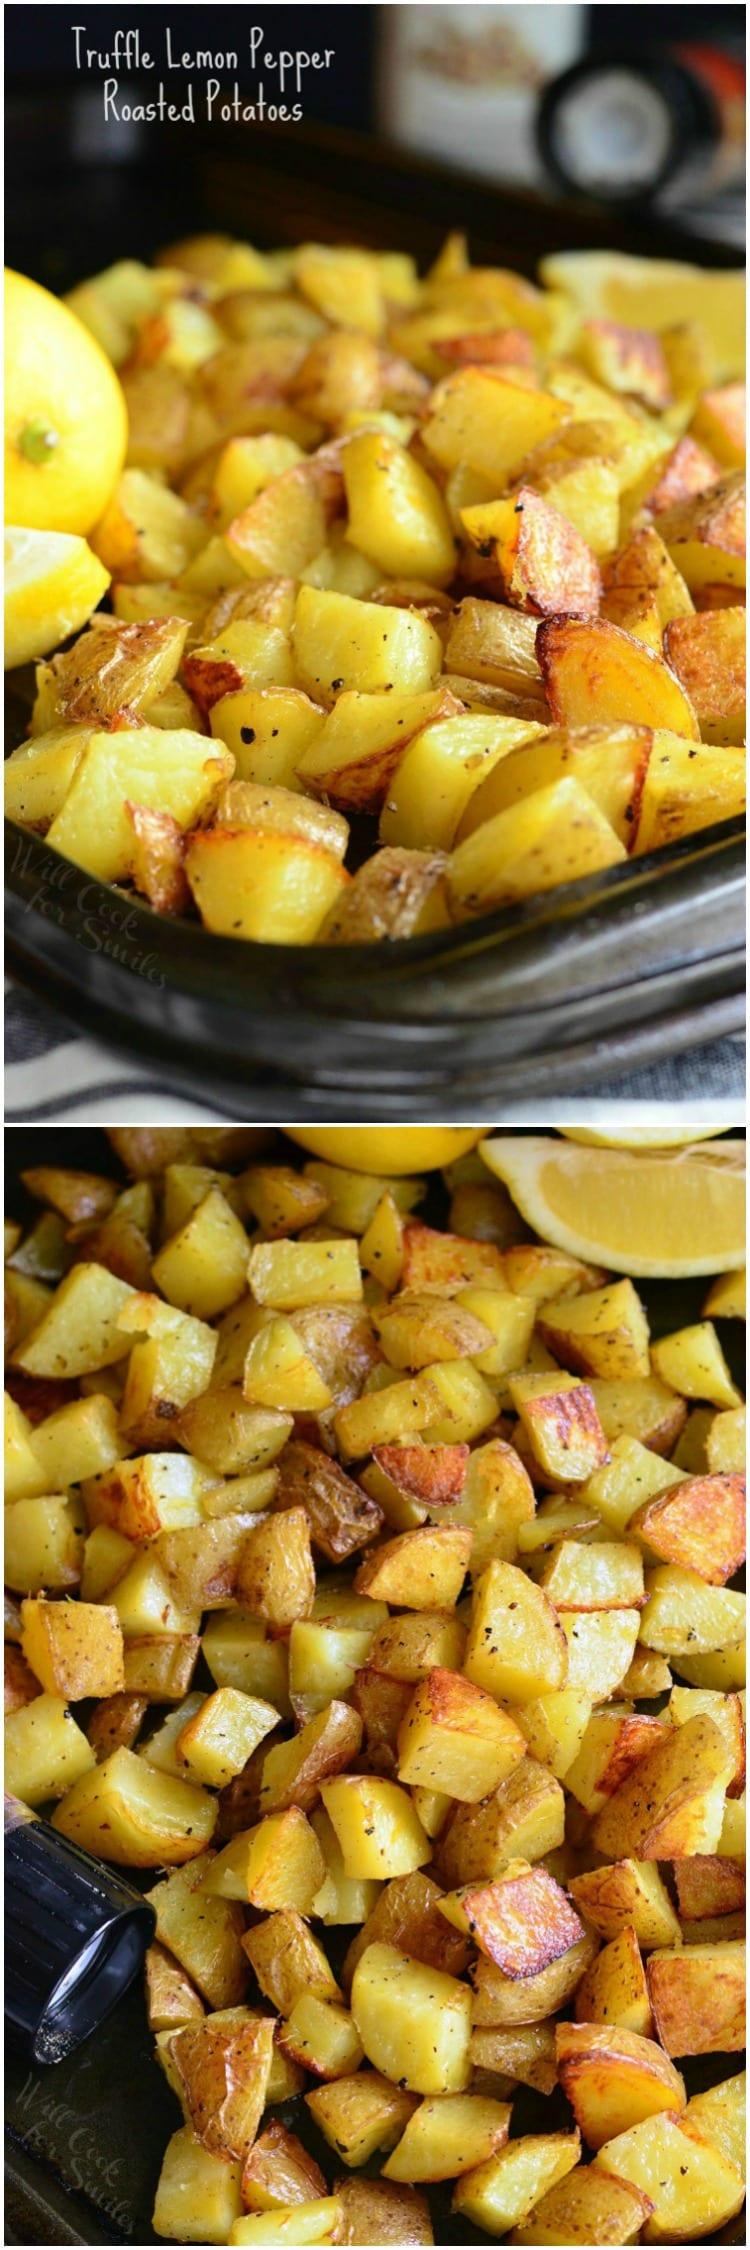 Truffle Lemon Pepper Roasted Potatoes | from willcookforsmiles.com #sidedish #dinner